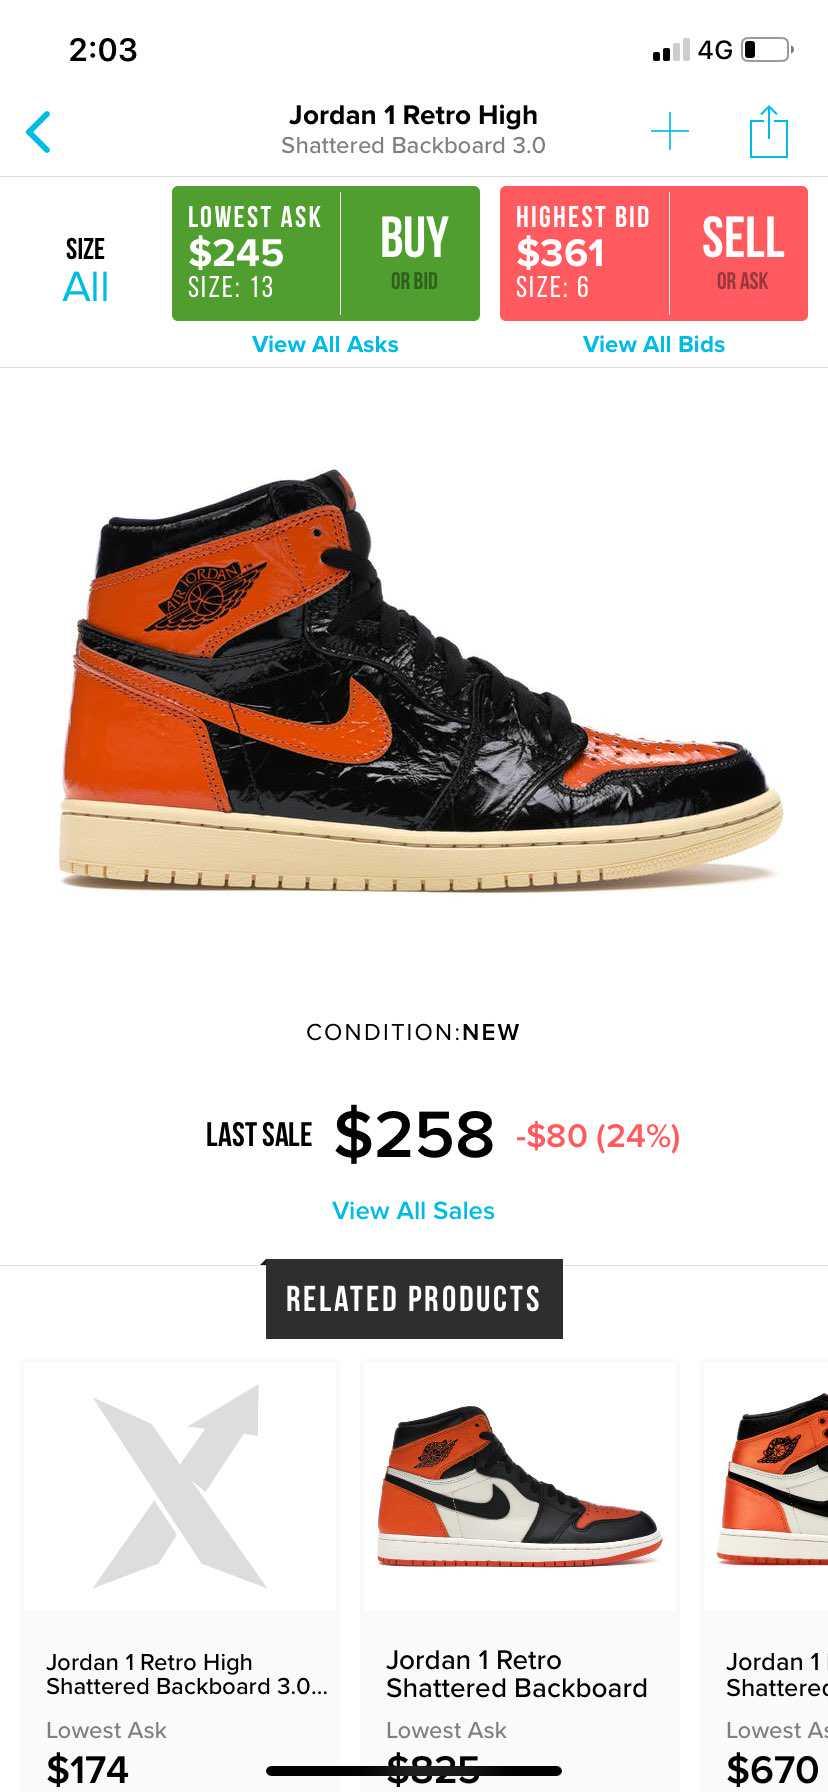 私個人的に欲しいスニーカー今年ナンバーワンでございます。 もし買えなくてもプレ